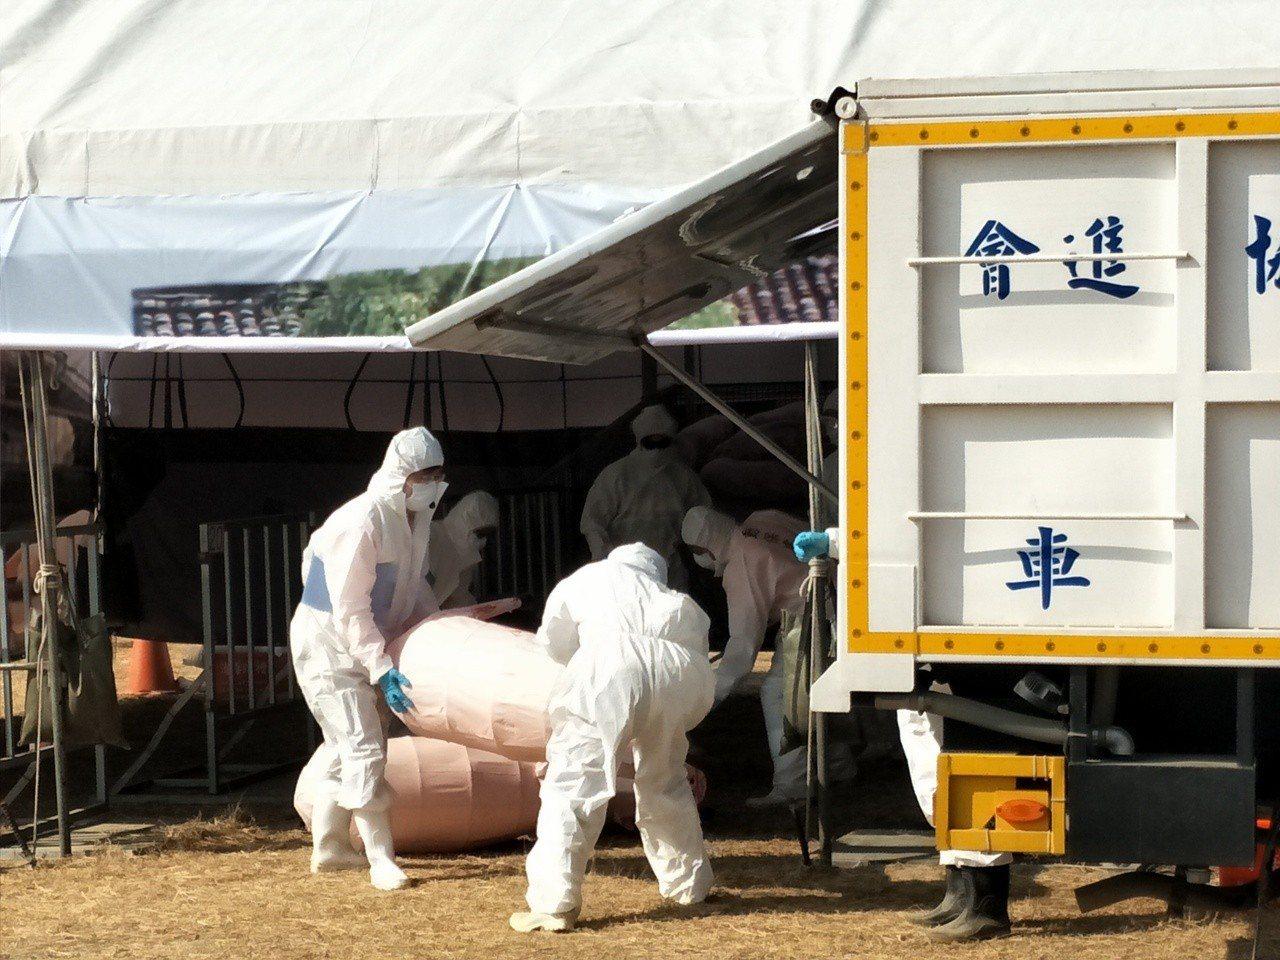 防疫人員模擬抬出豬屍處理。 記者謝進盛/攝影